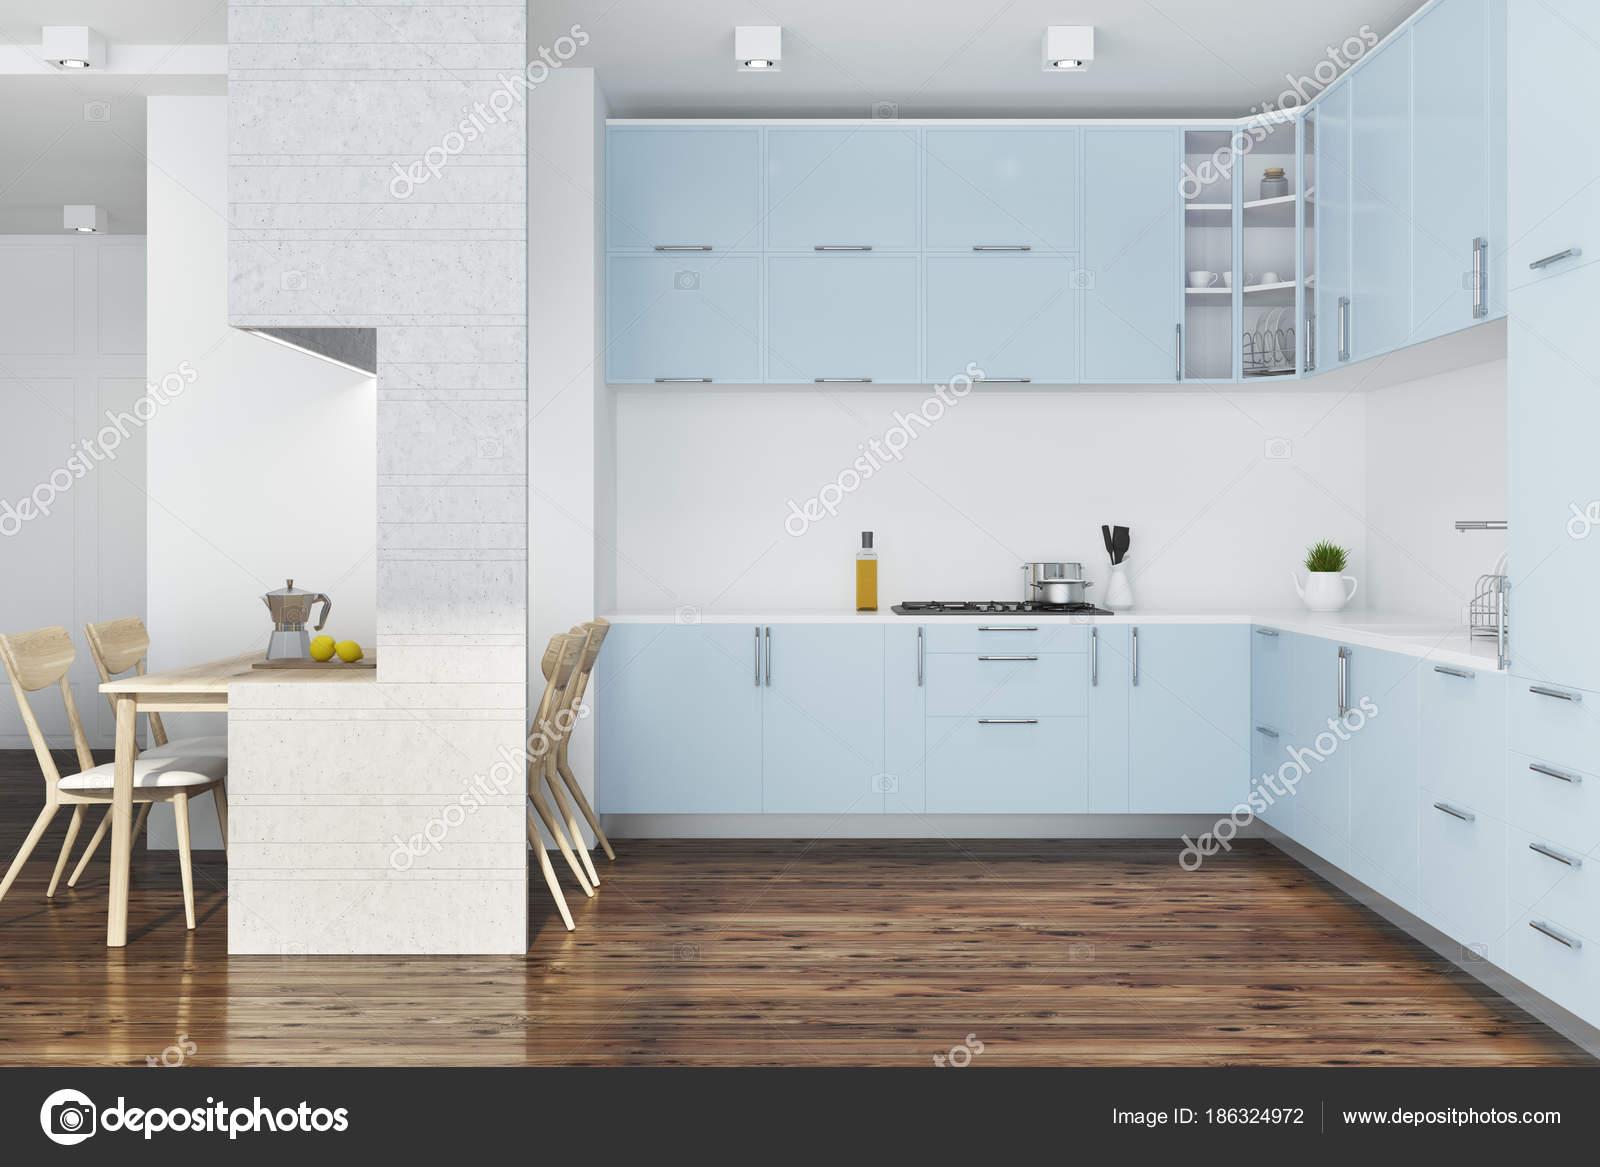 Muebles de cocina azul blanco foto de stock for Deco de cocina azul blanco